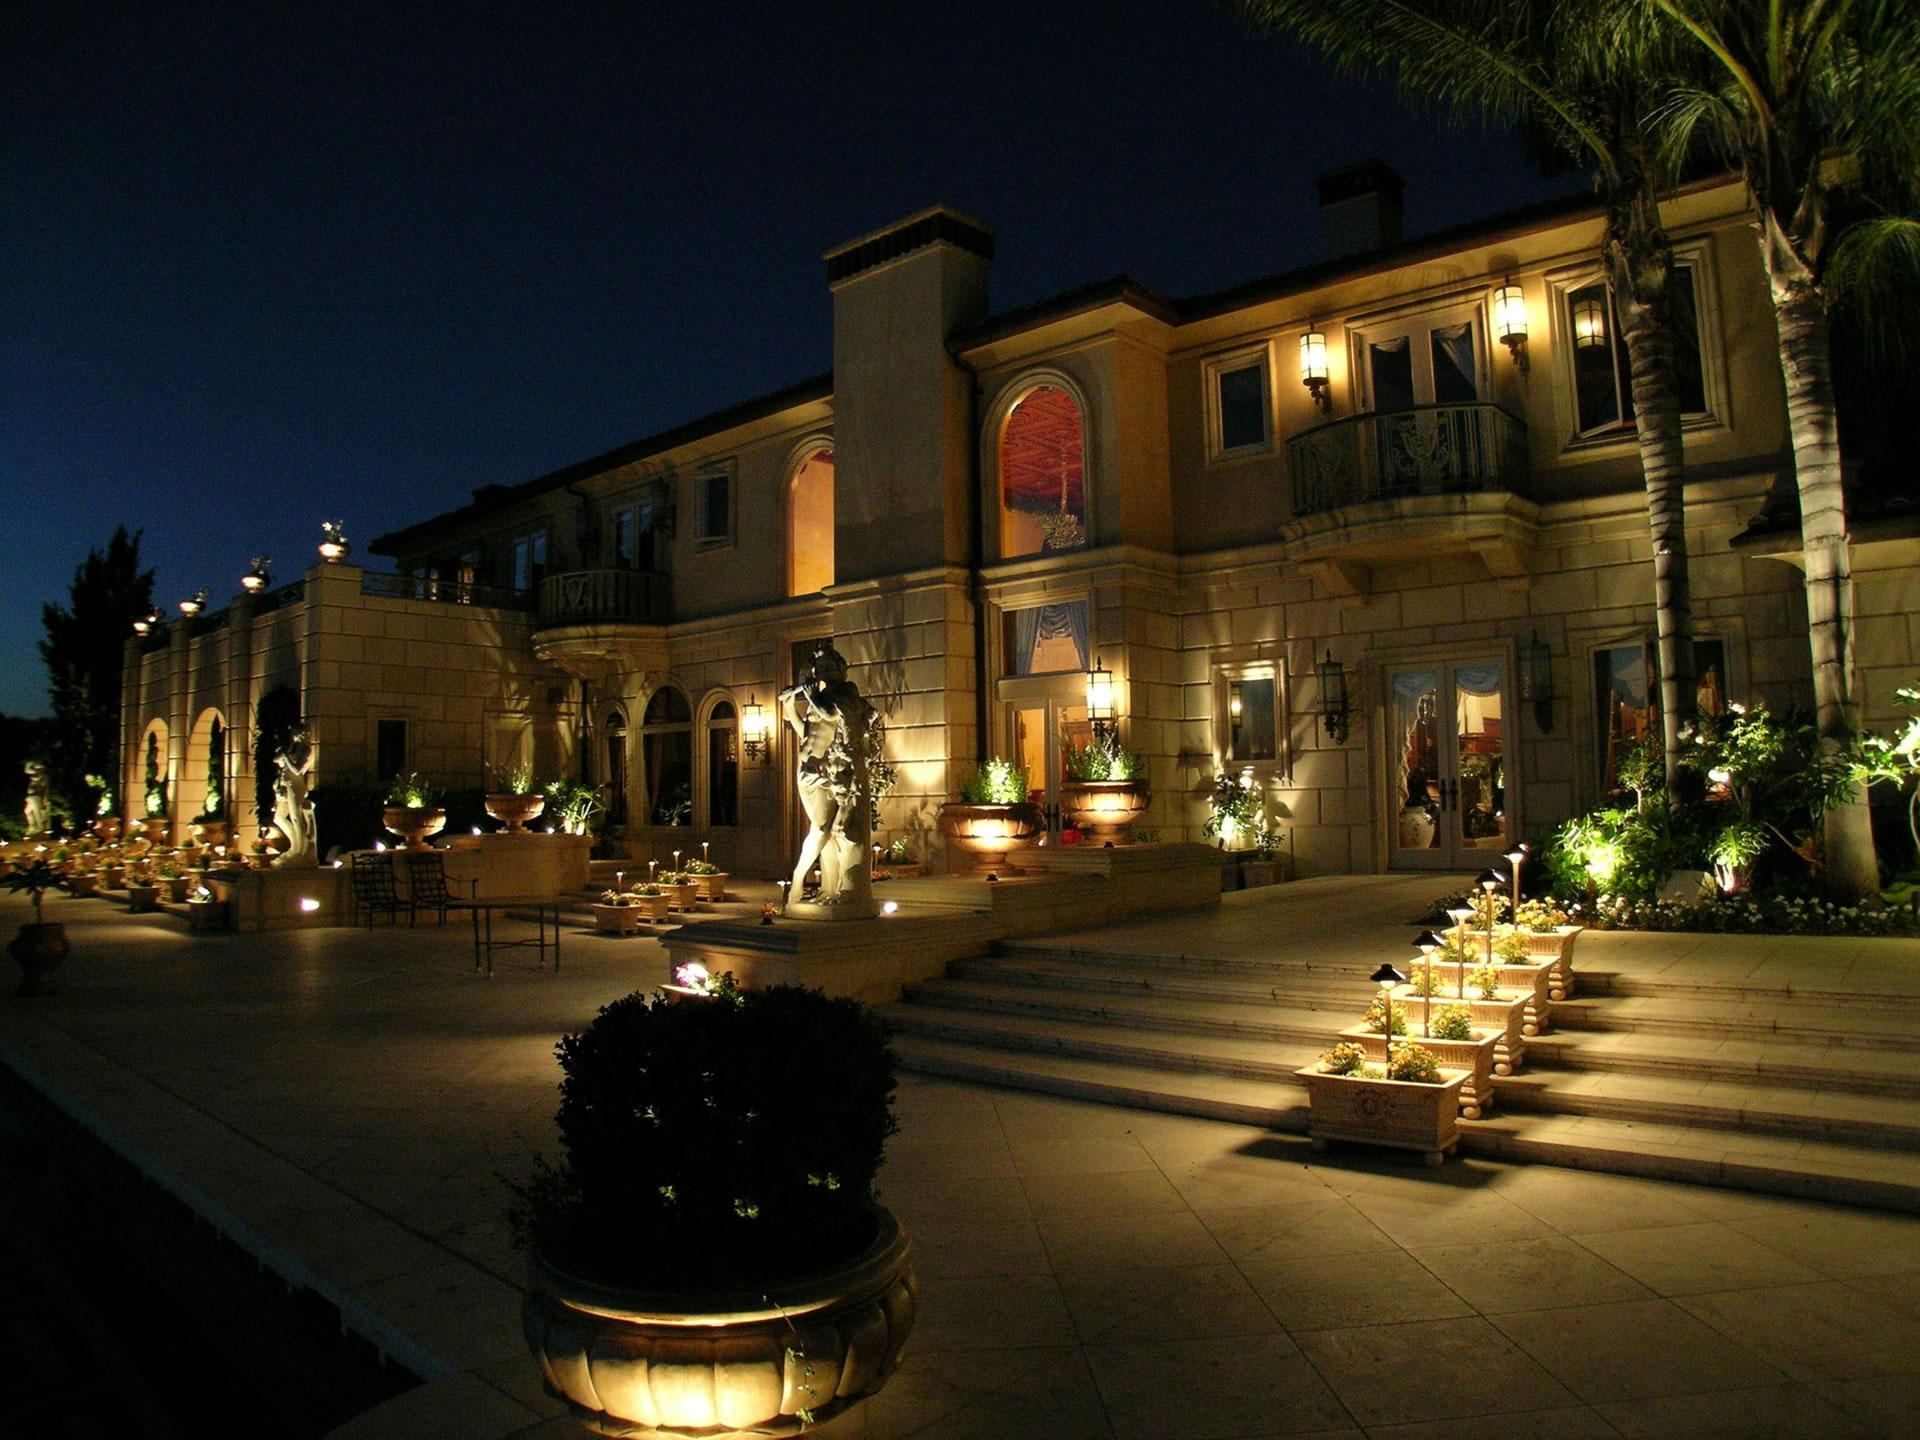 Santa Fe Landscape Lighting by Artistic Illumination